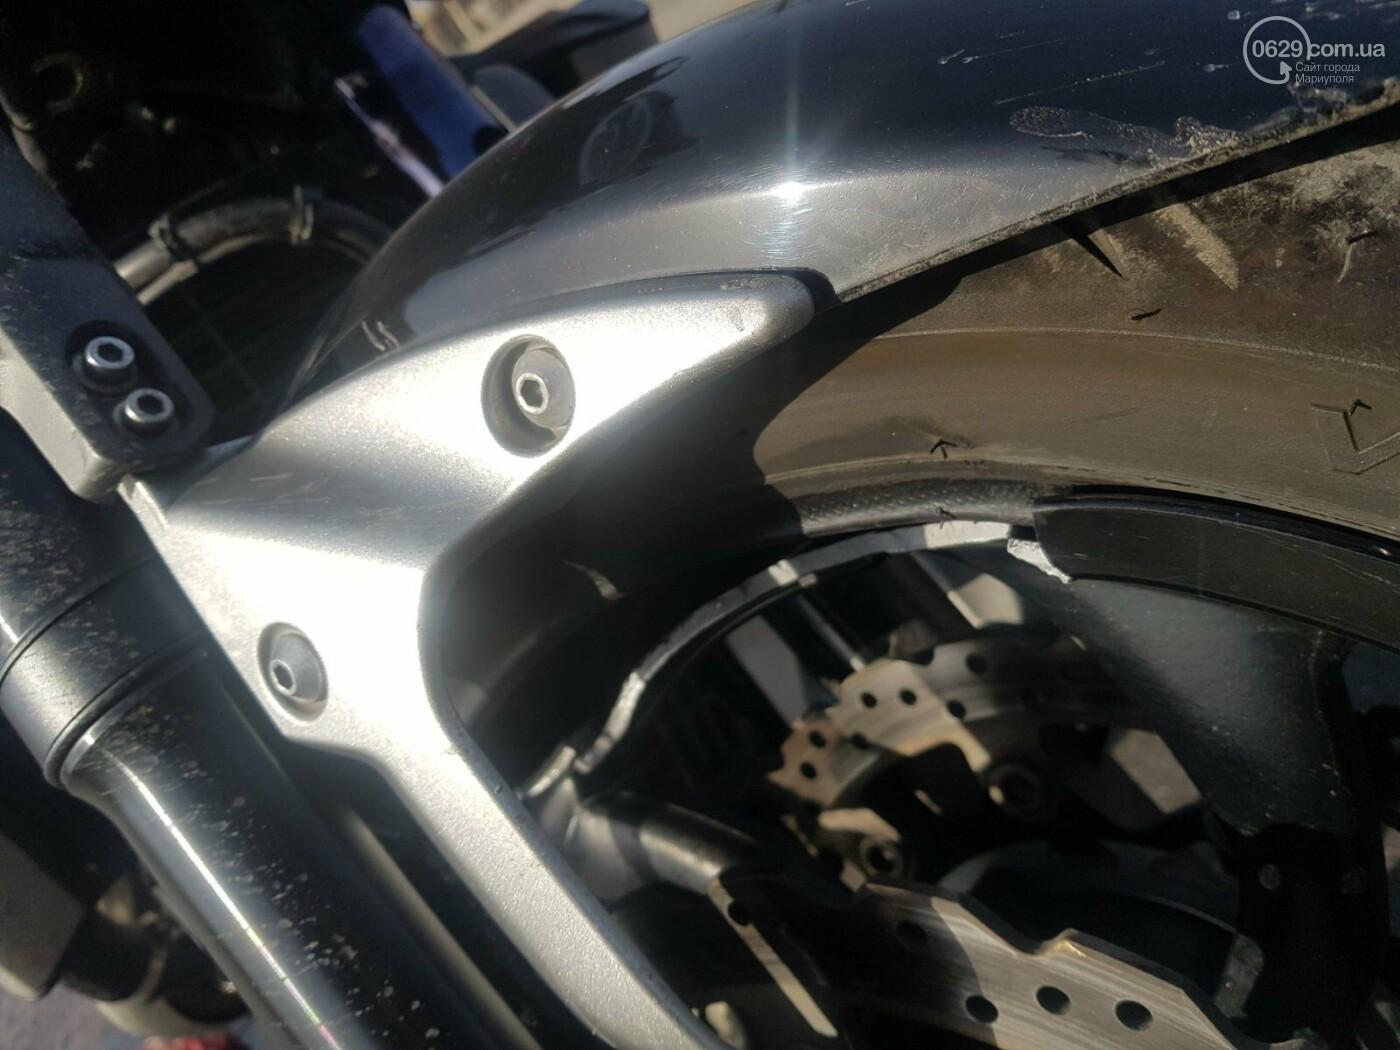 В Мариуполе мотоциклист врезался в бордюр,-ФОТО, фото-3